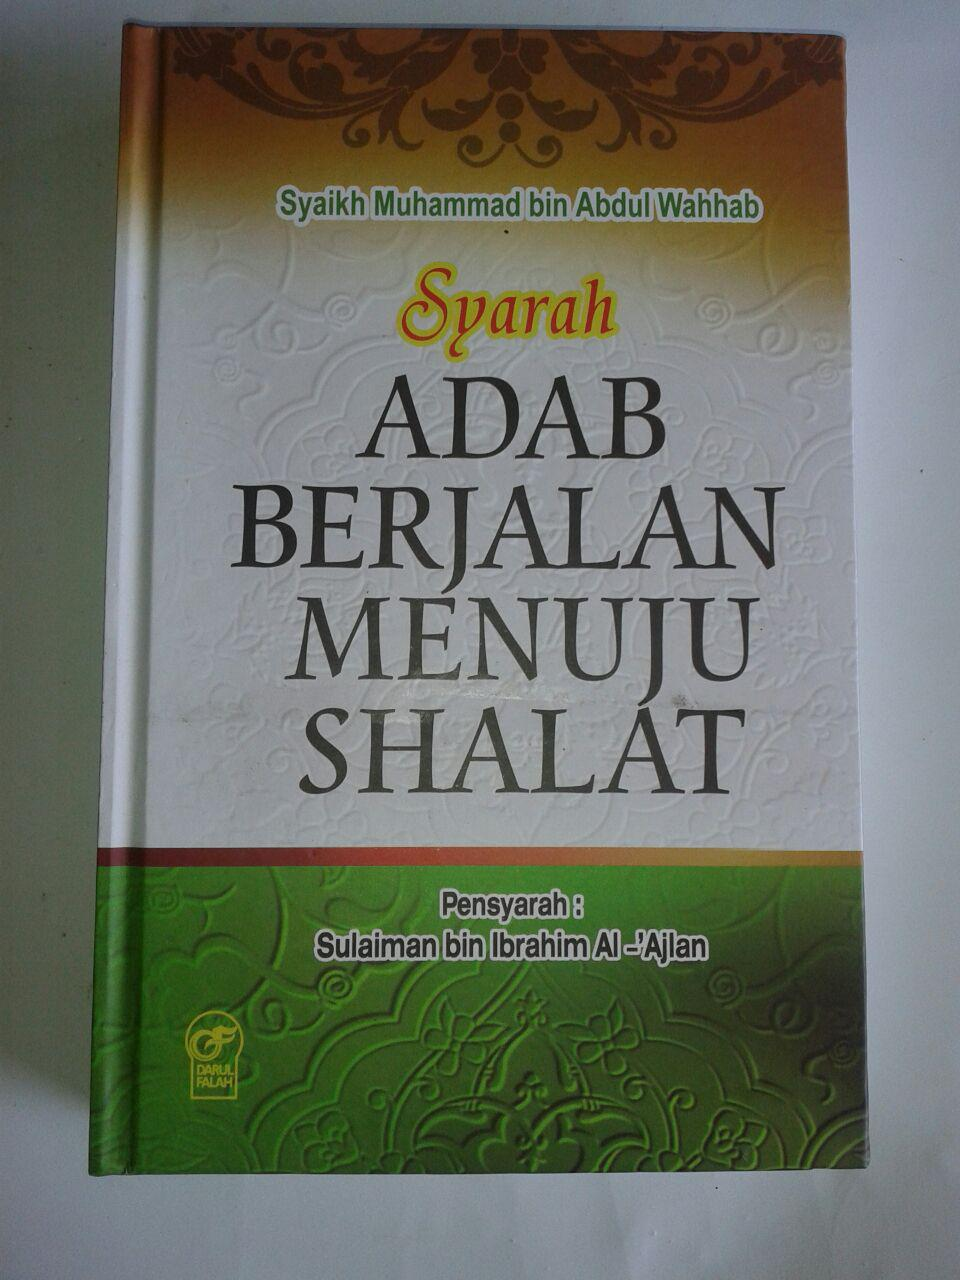 Buku Syarah Adab Berjalan Menuju Shalat cover 2